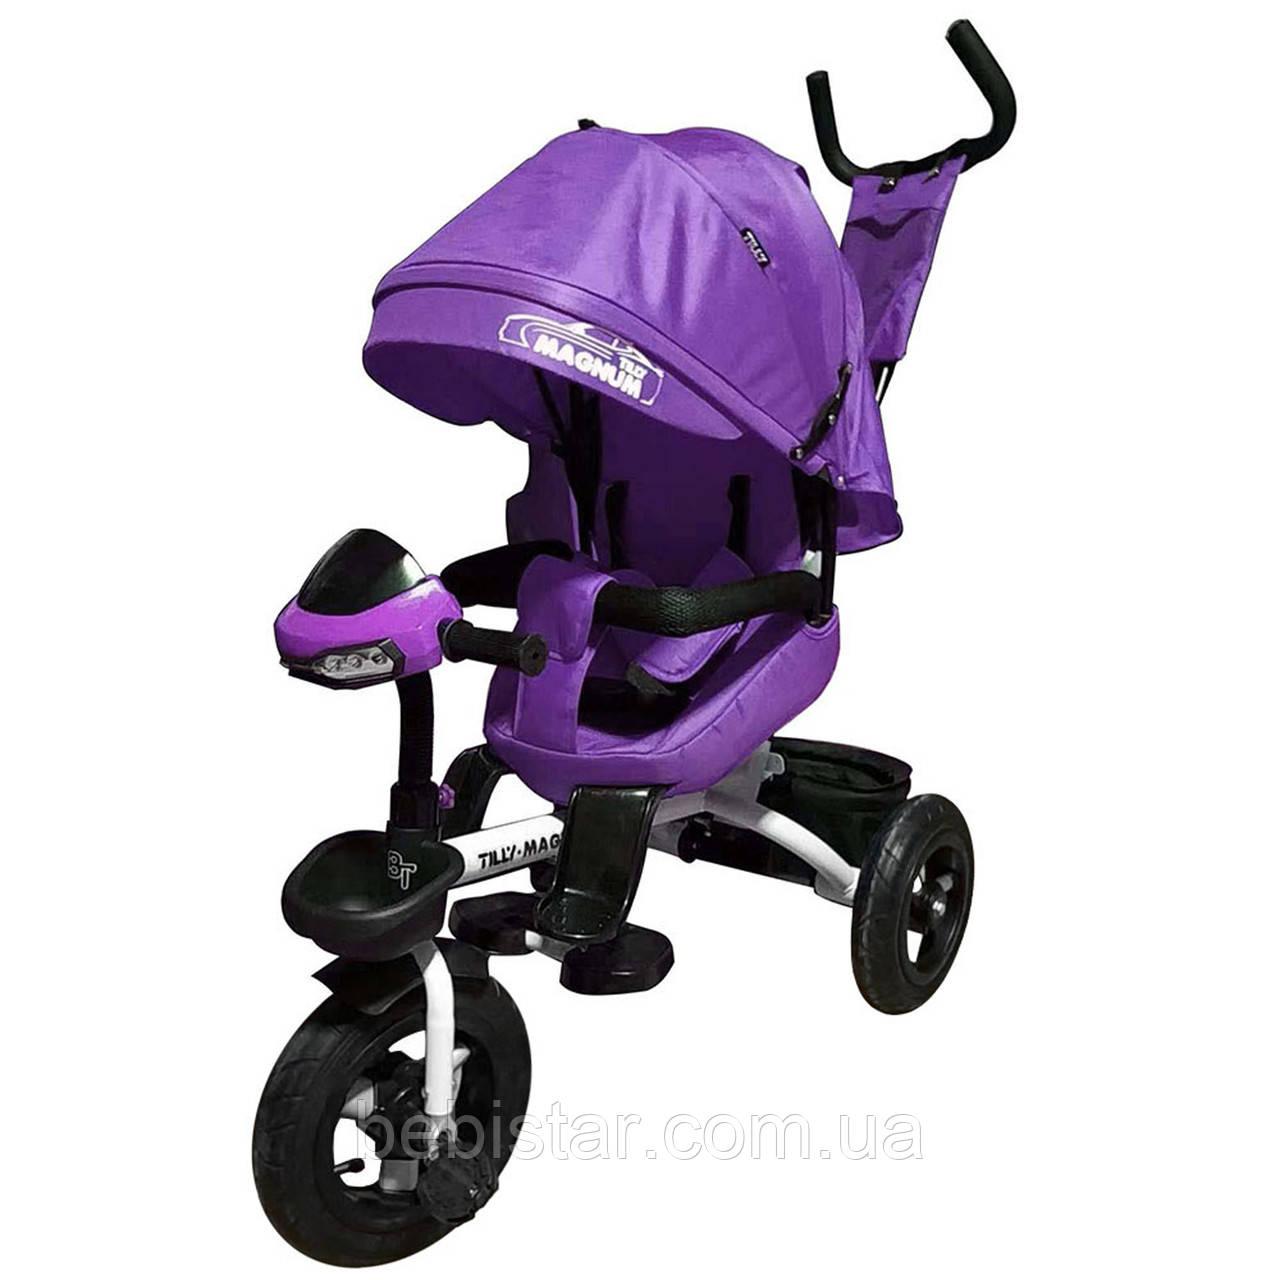 Дитячий триколісний велосипед музика світло поворот сидіння TILLY MAGNUM T-382 Фіолетовий надувні колеса